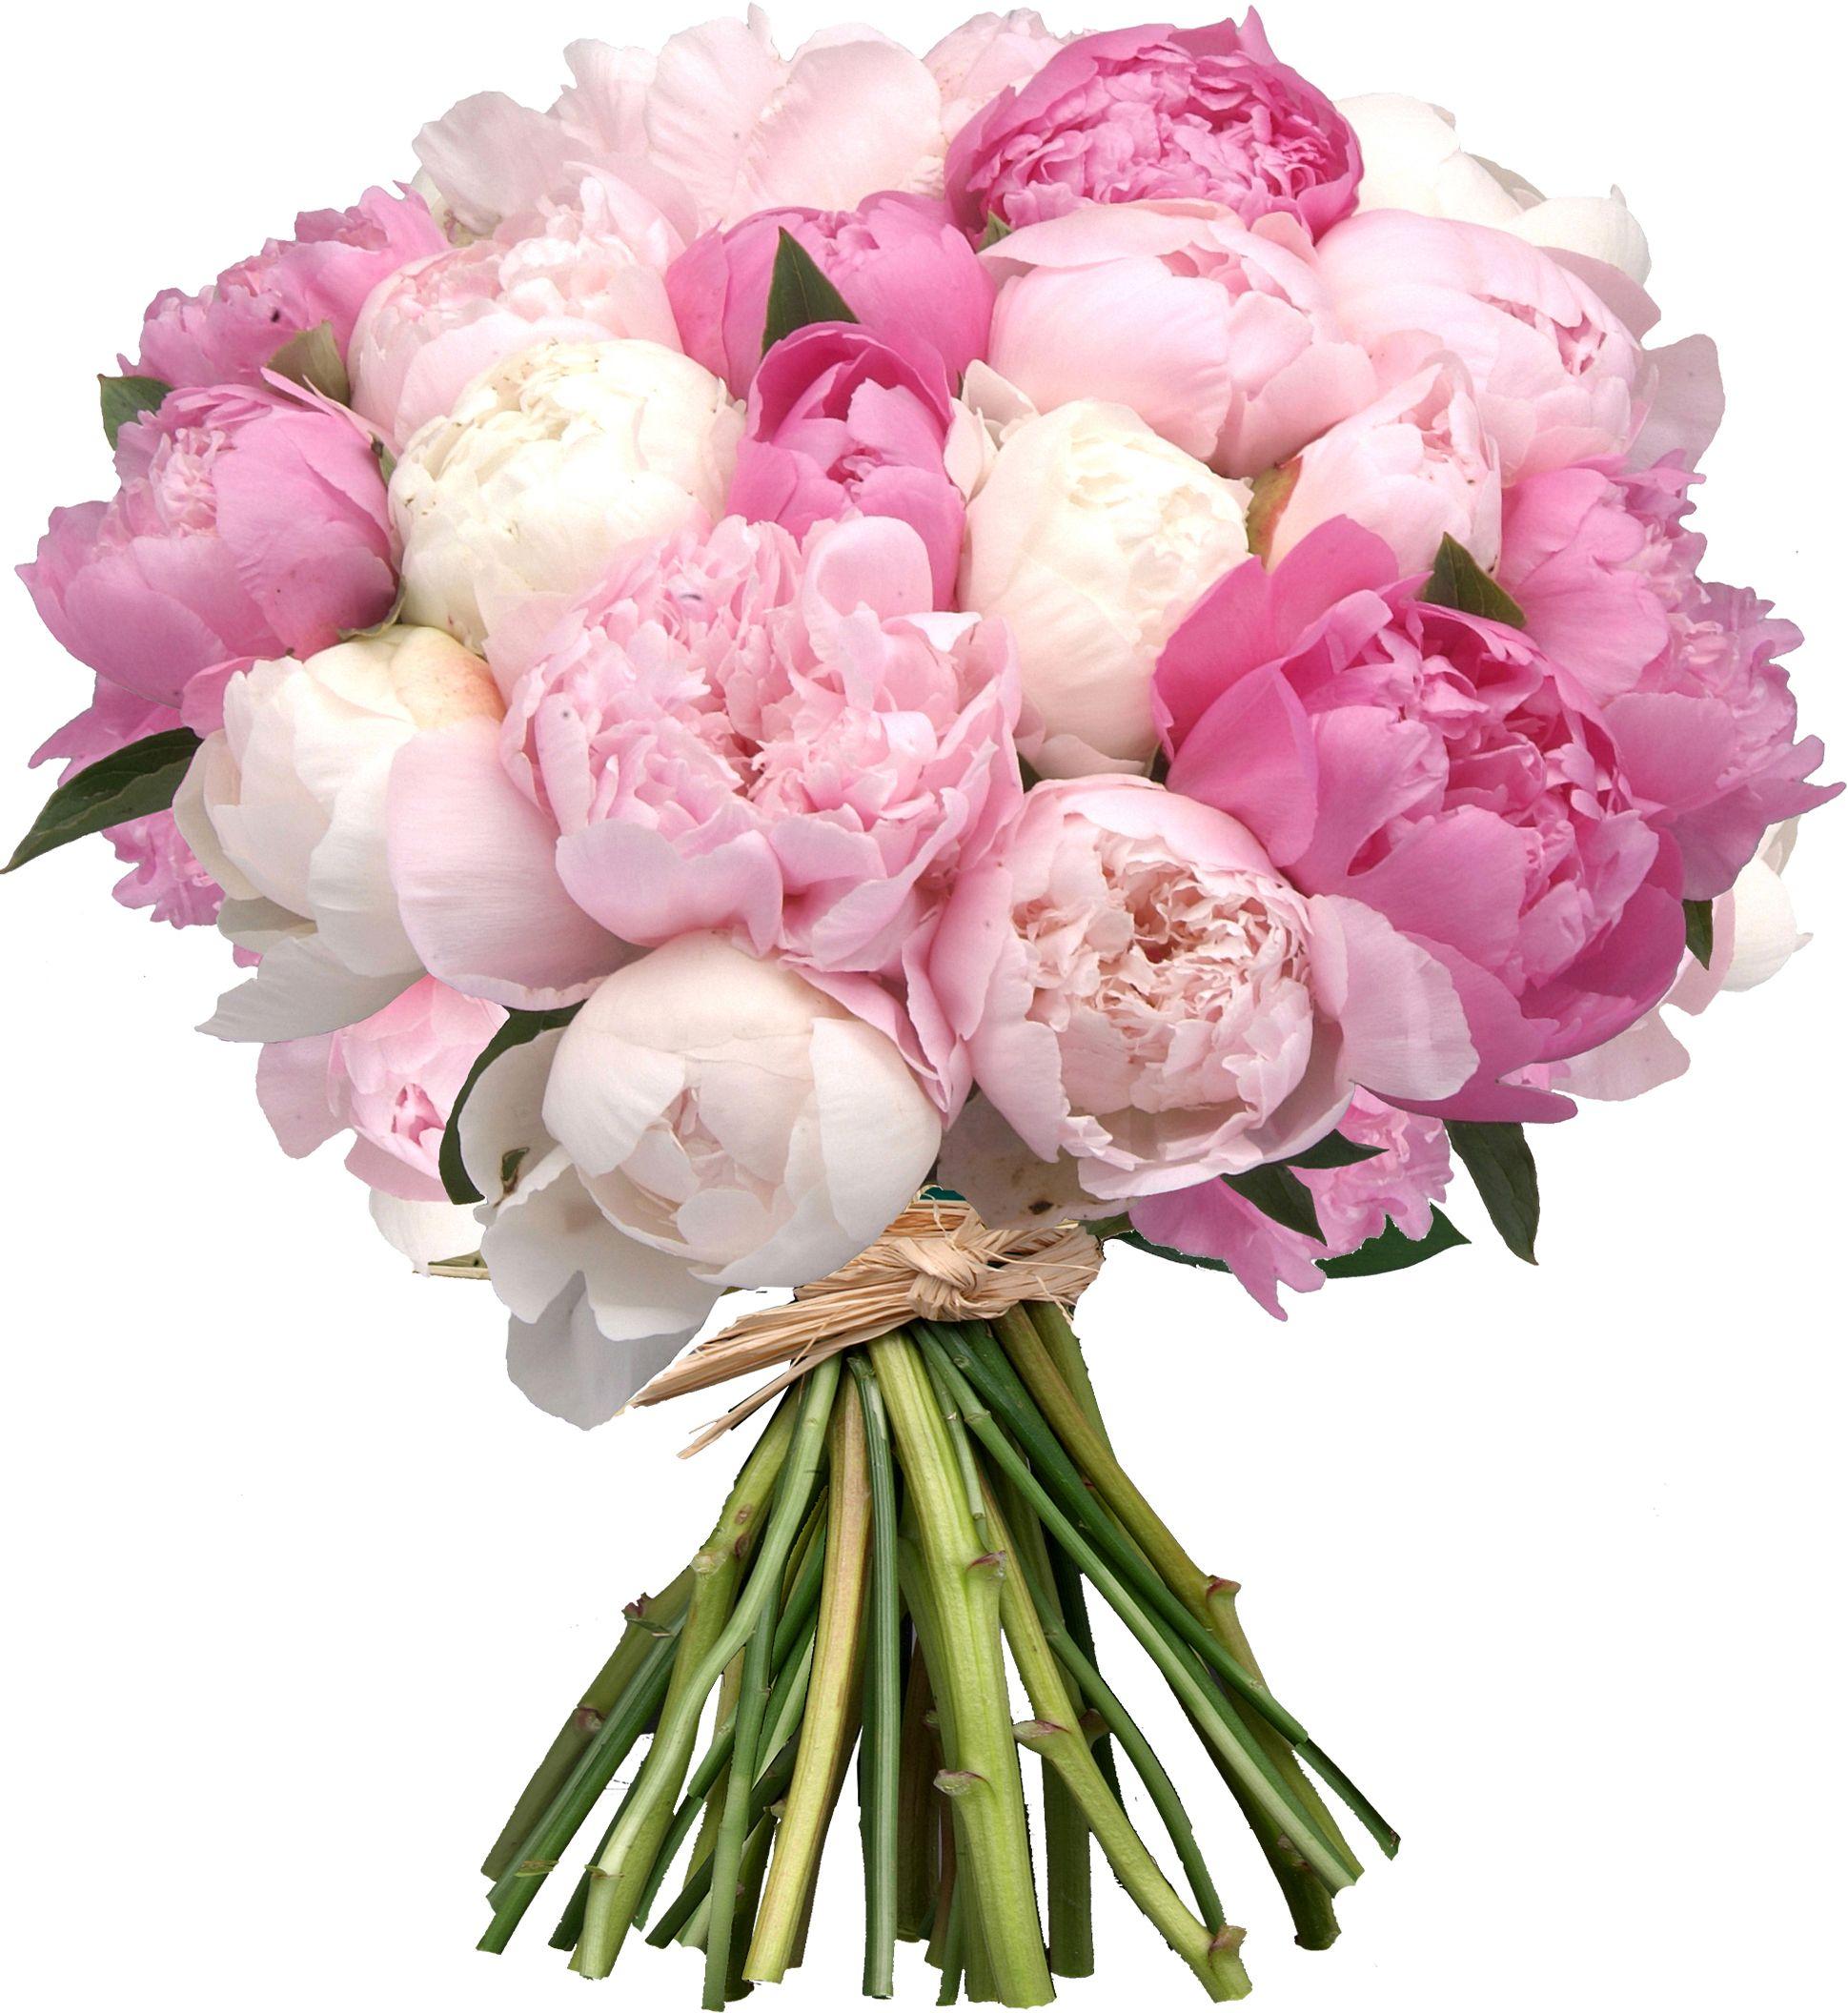 Приятно бог, картинки букеты пионовых роз на белом фоне